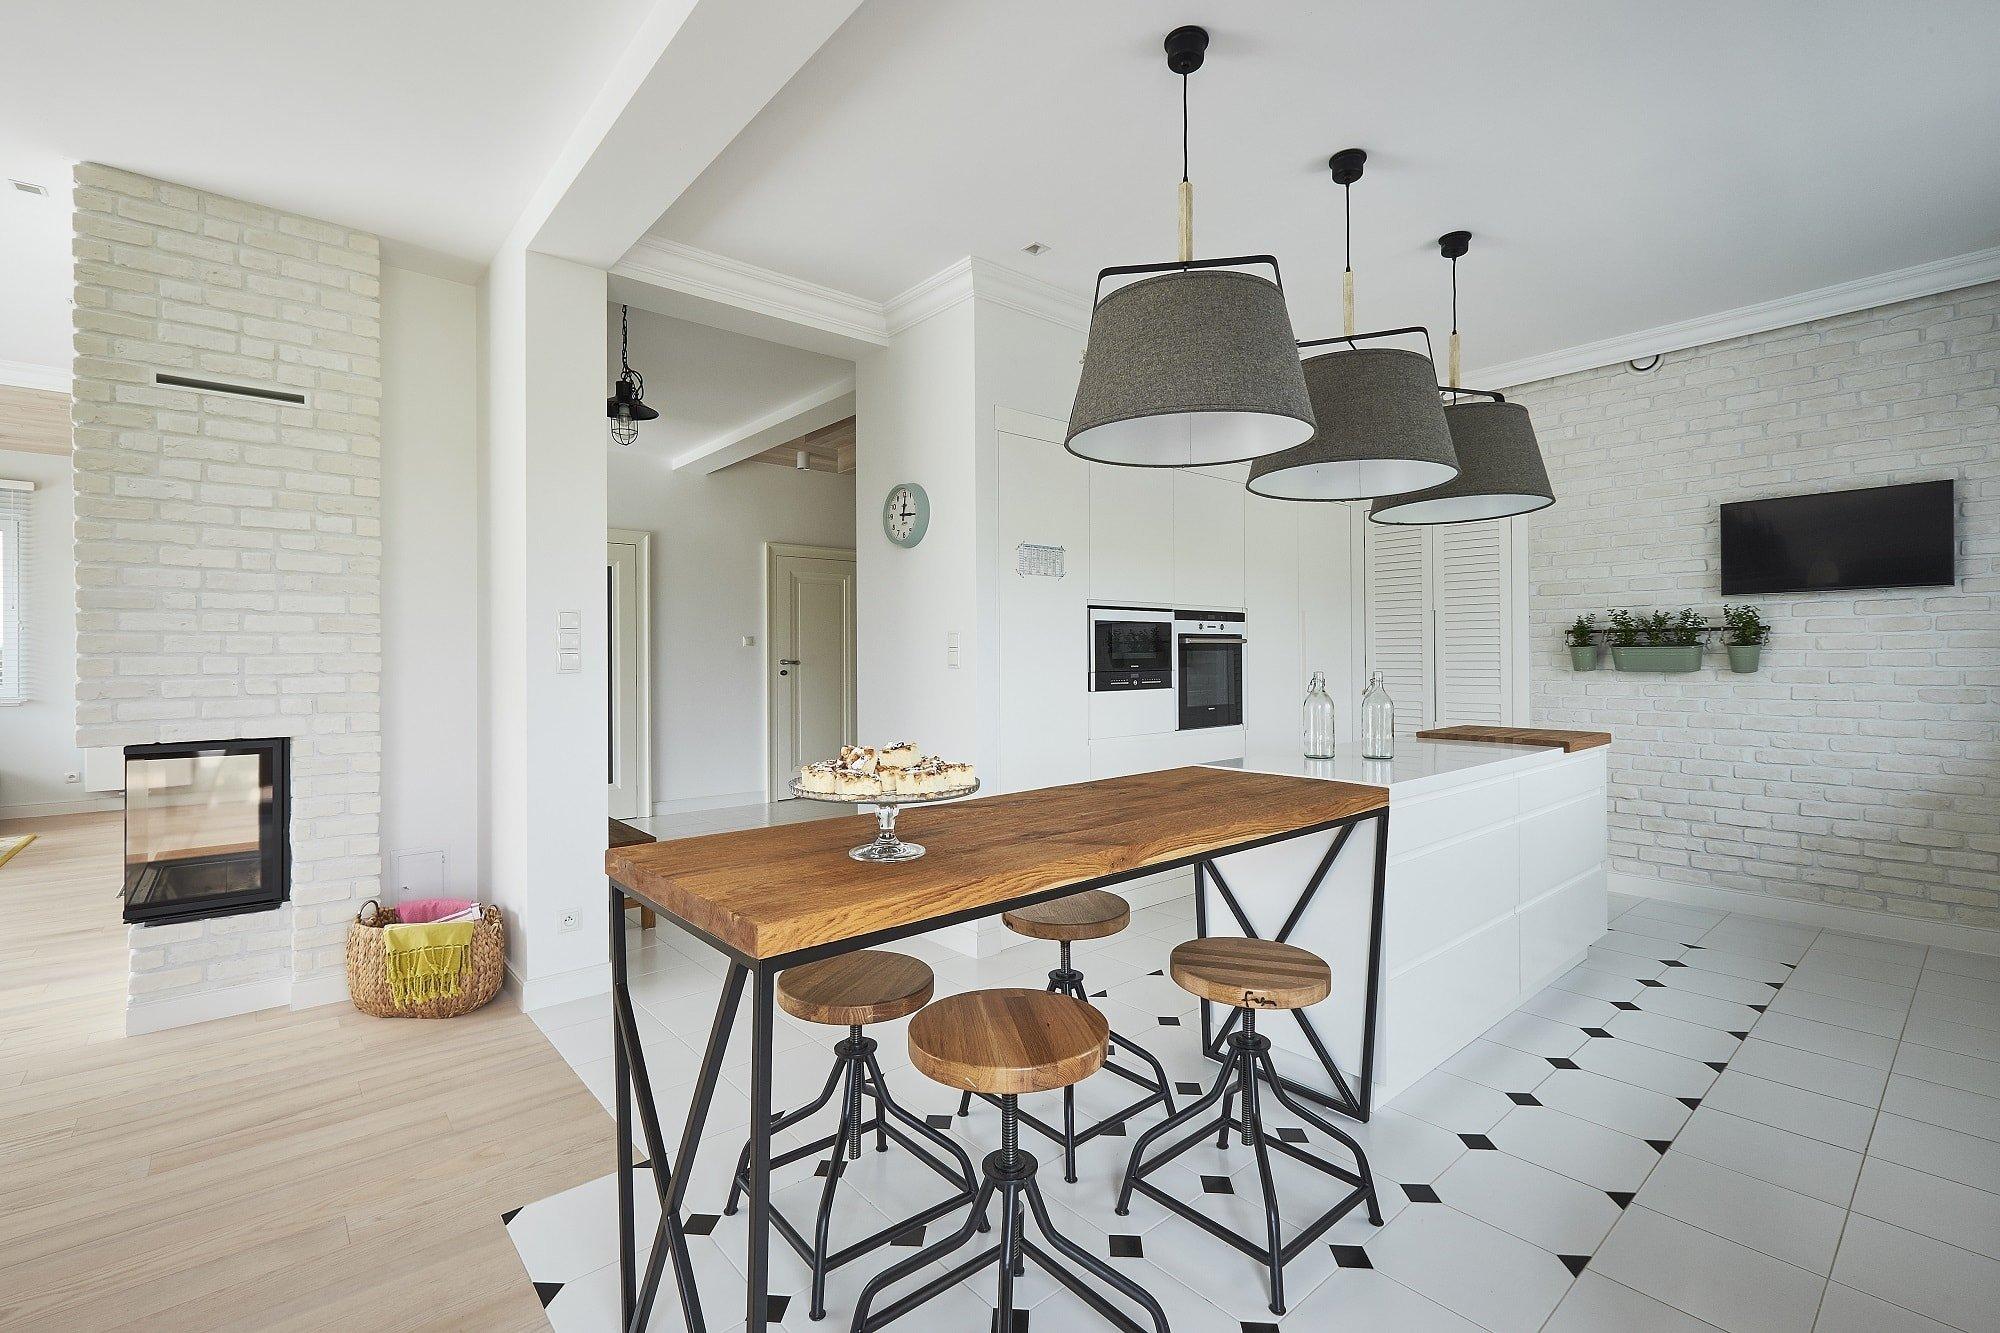 Velké otevřené prostory, masivní dřevo, krb, obnažené cihly natřené na bílo a tyrkysové detaily, to vše skrývá interiér rodinného domu, na severovýchodě Polska, v místě zvaném Mazury. Pojďme dům prozkoumat zblízka, stojí totiž opravdu za to.